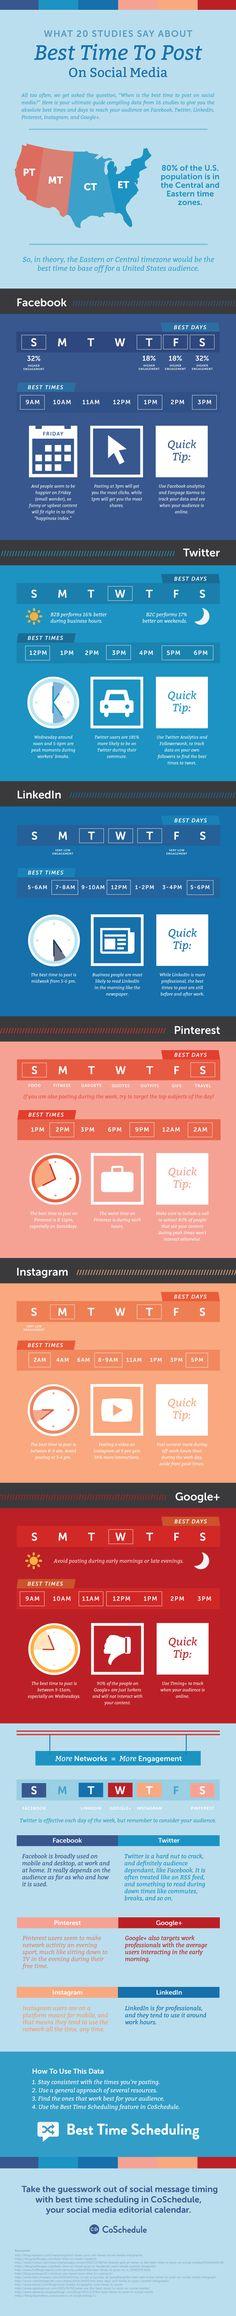 Quel est le meilleur moment pour publier sur les réseaux sociaux (Facebook , Twitter , LinkedIn , Google plus, Instagram , Pinterest) ? La réponse en une infographie, fruit de la synthèse de 20 études sérieuses sur le sujet ( HubSpot , Buffer , Forbes , HuffPost , Quicksprout...).  Via Social Media Today, LLC  https://lnkd.in/d6J5pjt